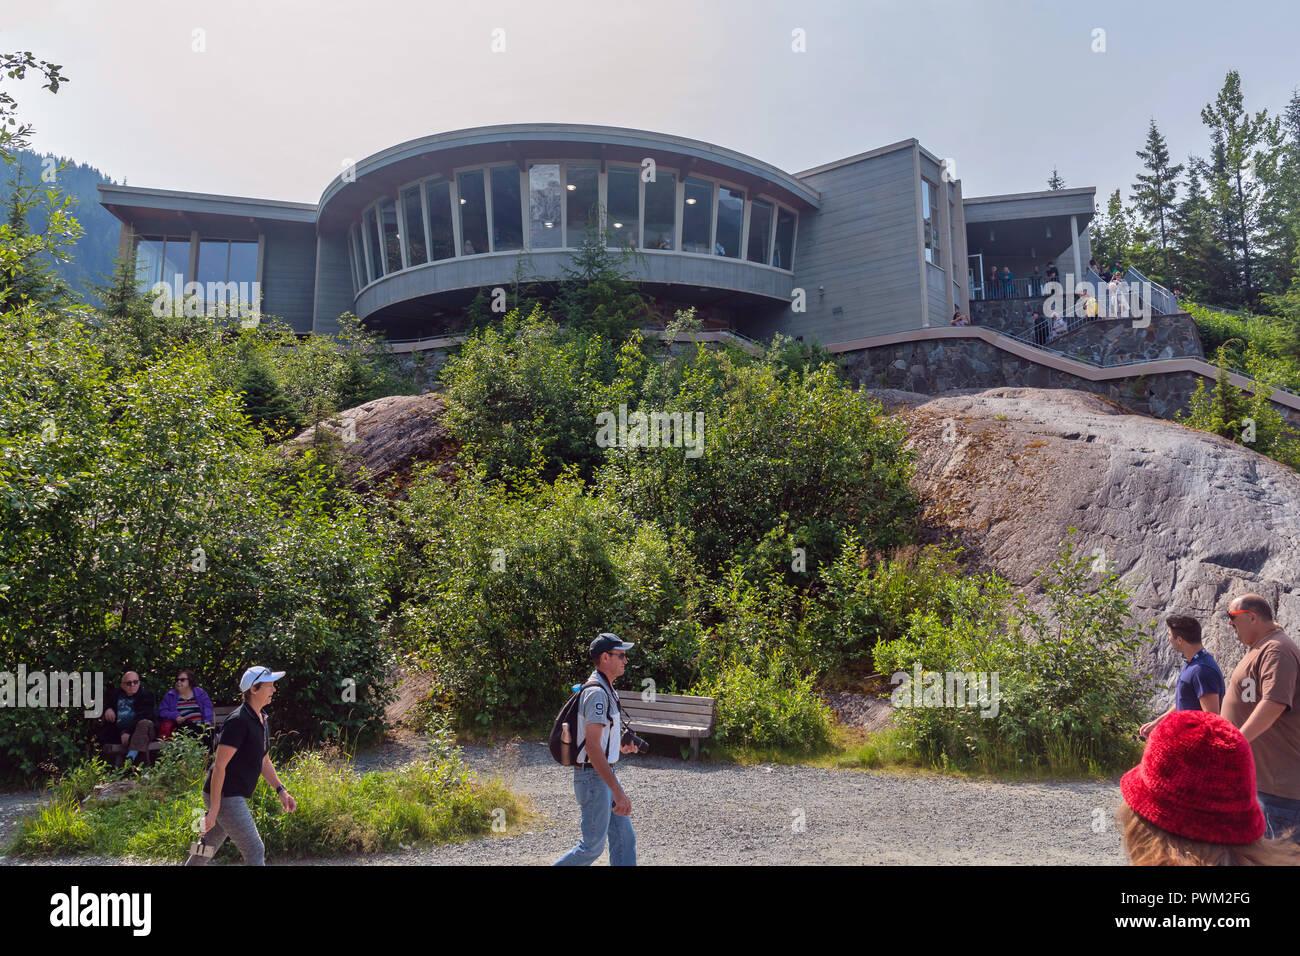 Mendenhall Glacier Visitor  Center, Mendenhall Valley, Alaska, USA - Stock Image